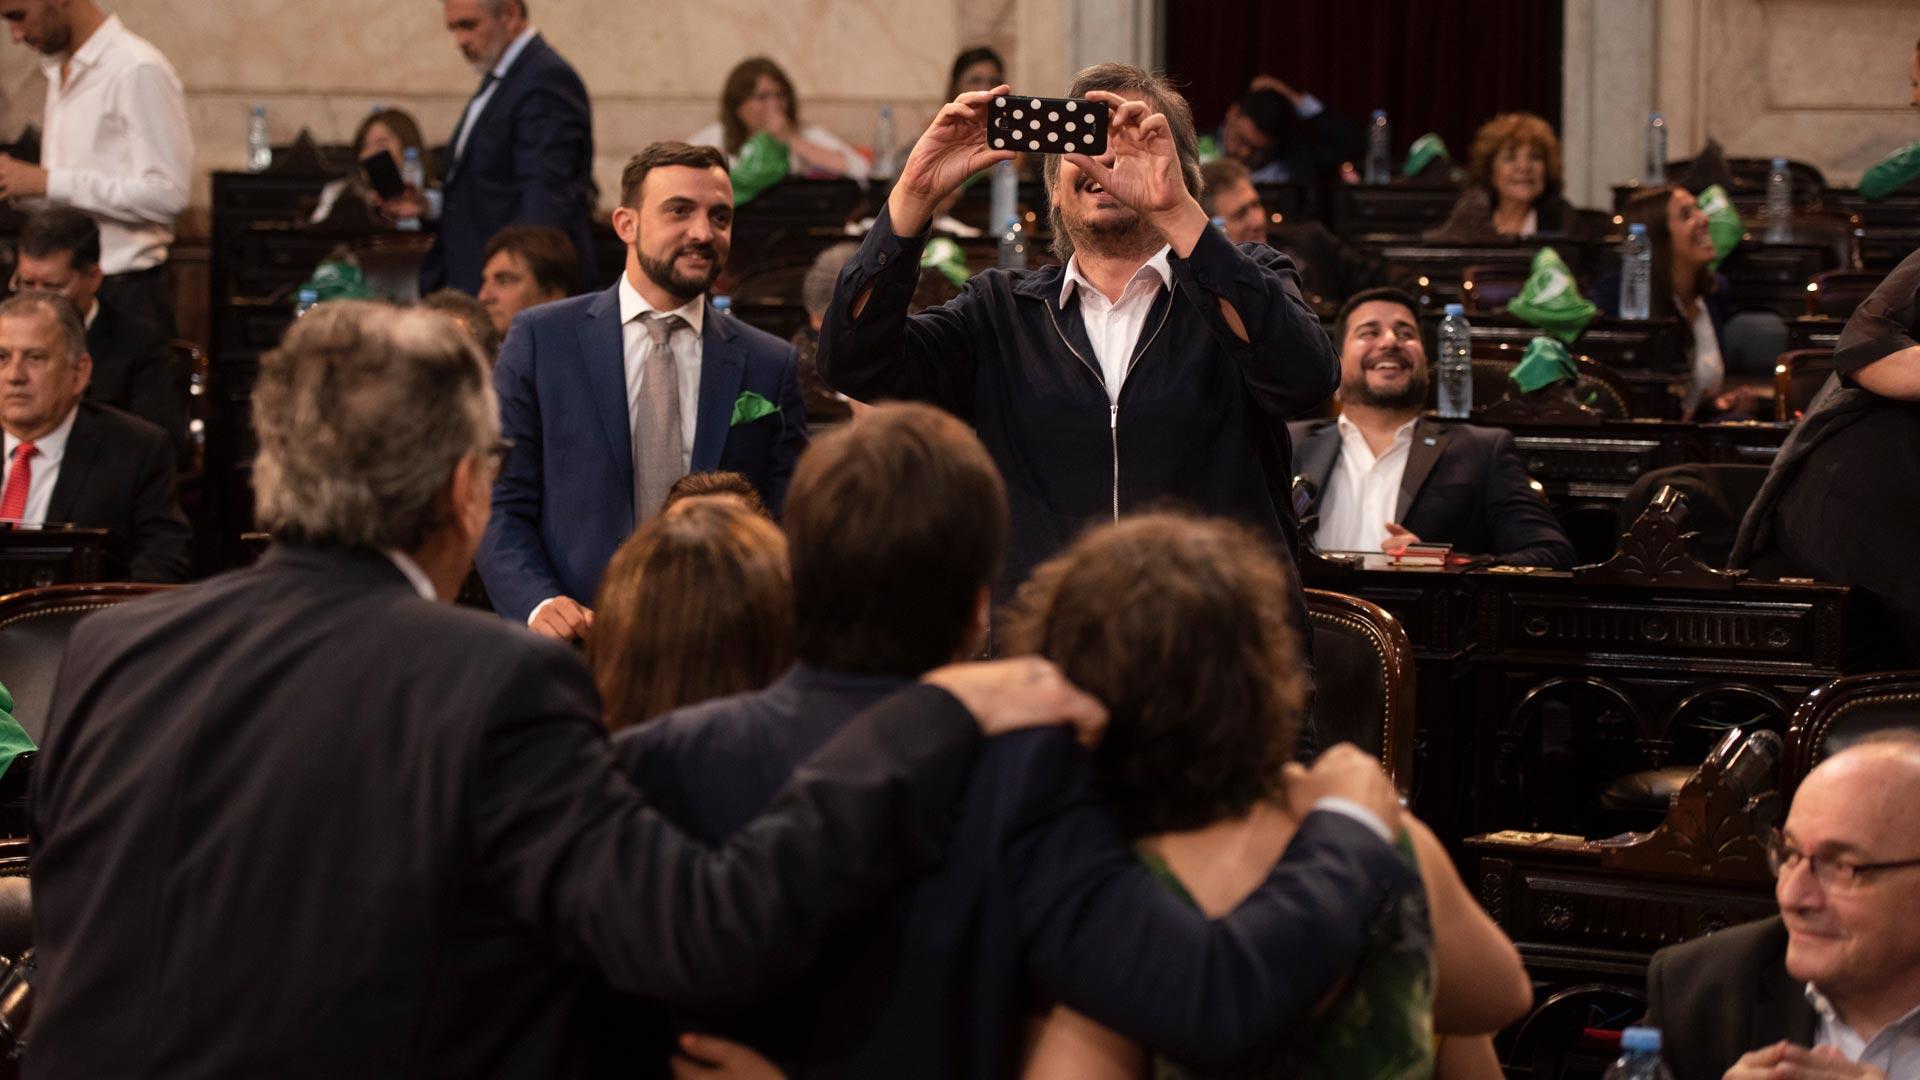 Imágenes previas a la apertura de las sesiones legislativas. El que saca la foto es el diputado Máximo Kirchner